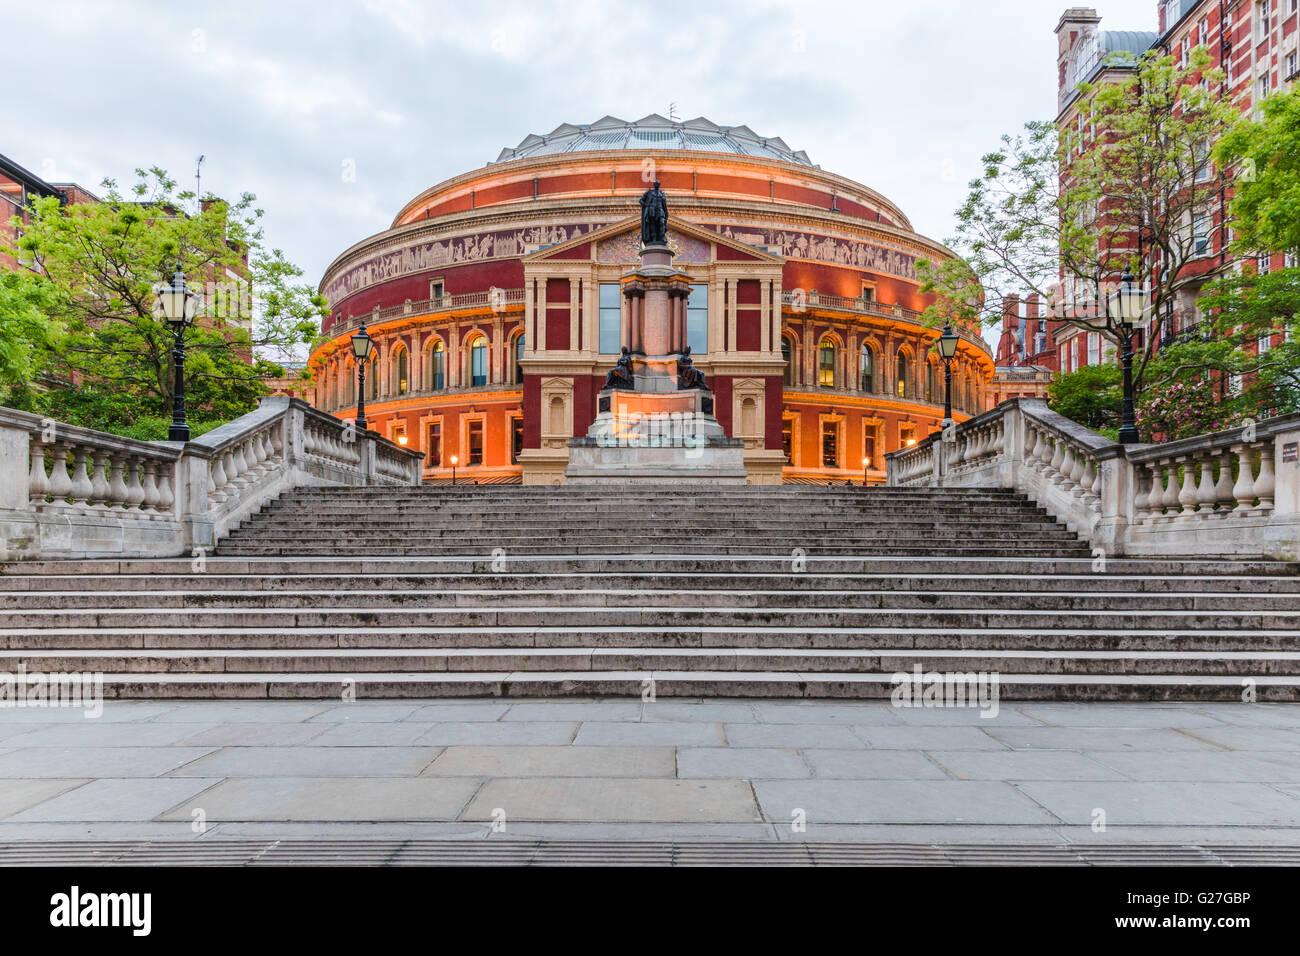 Royal Albert Hall di Londra, Inghilterra, Regno Unito Immagini Stock